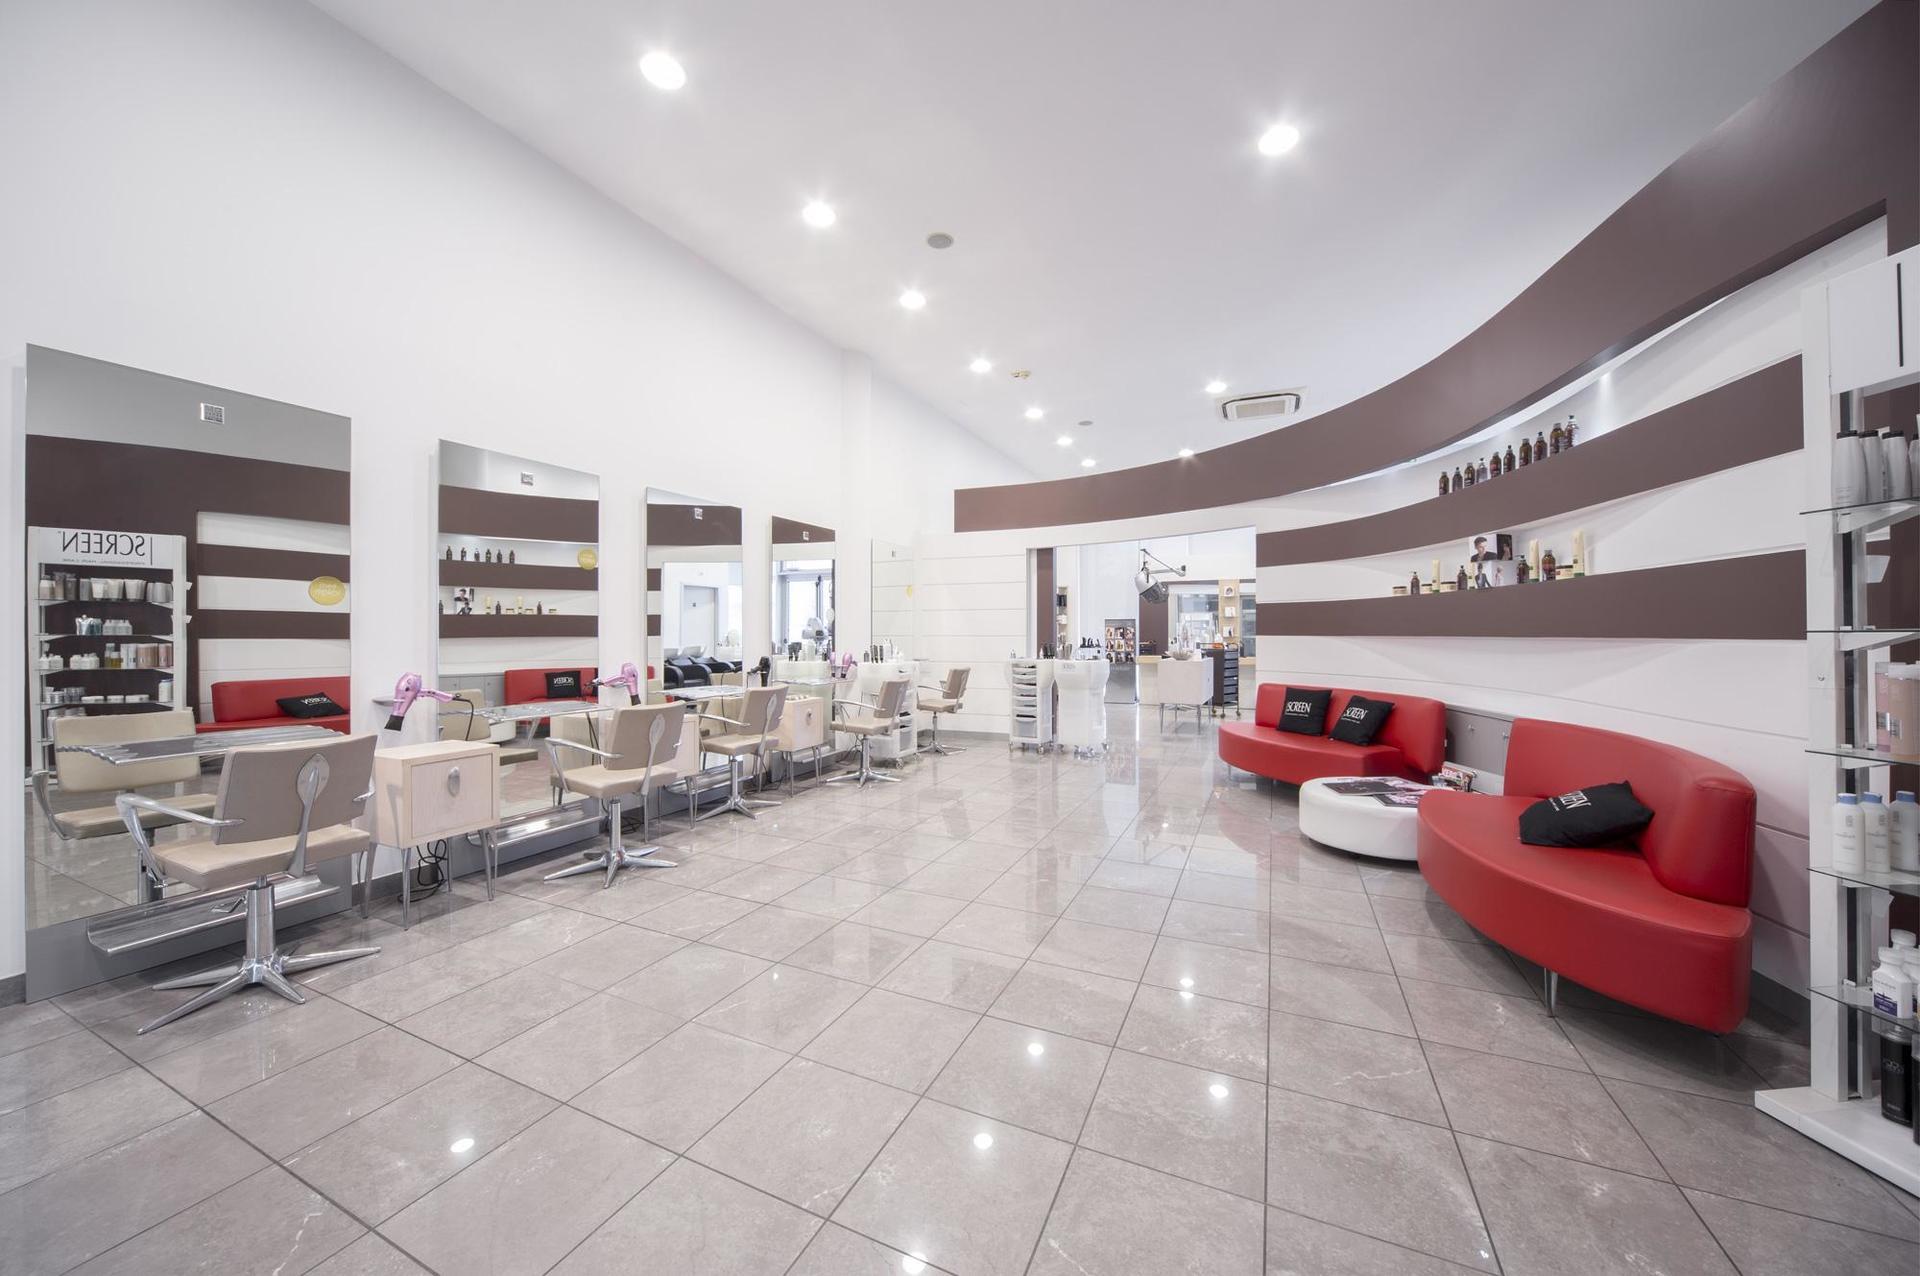 interno del salone di parrucchieri con postazioni e divanetti